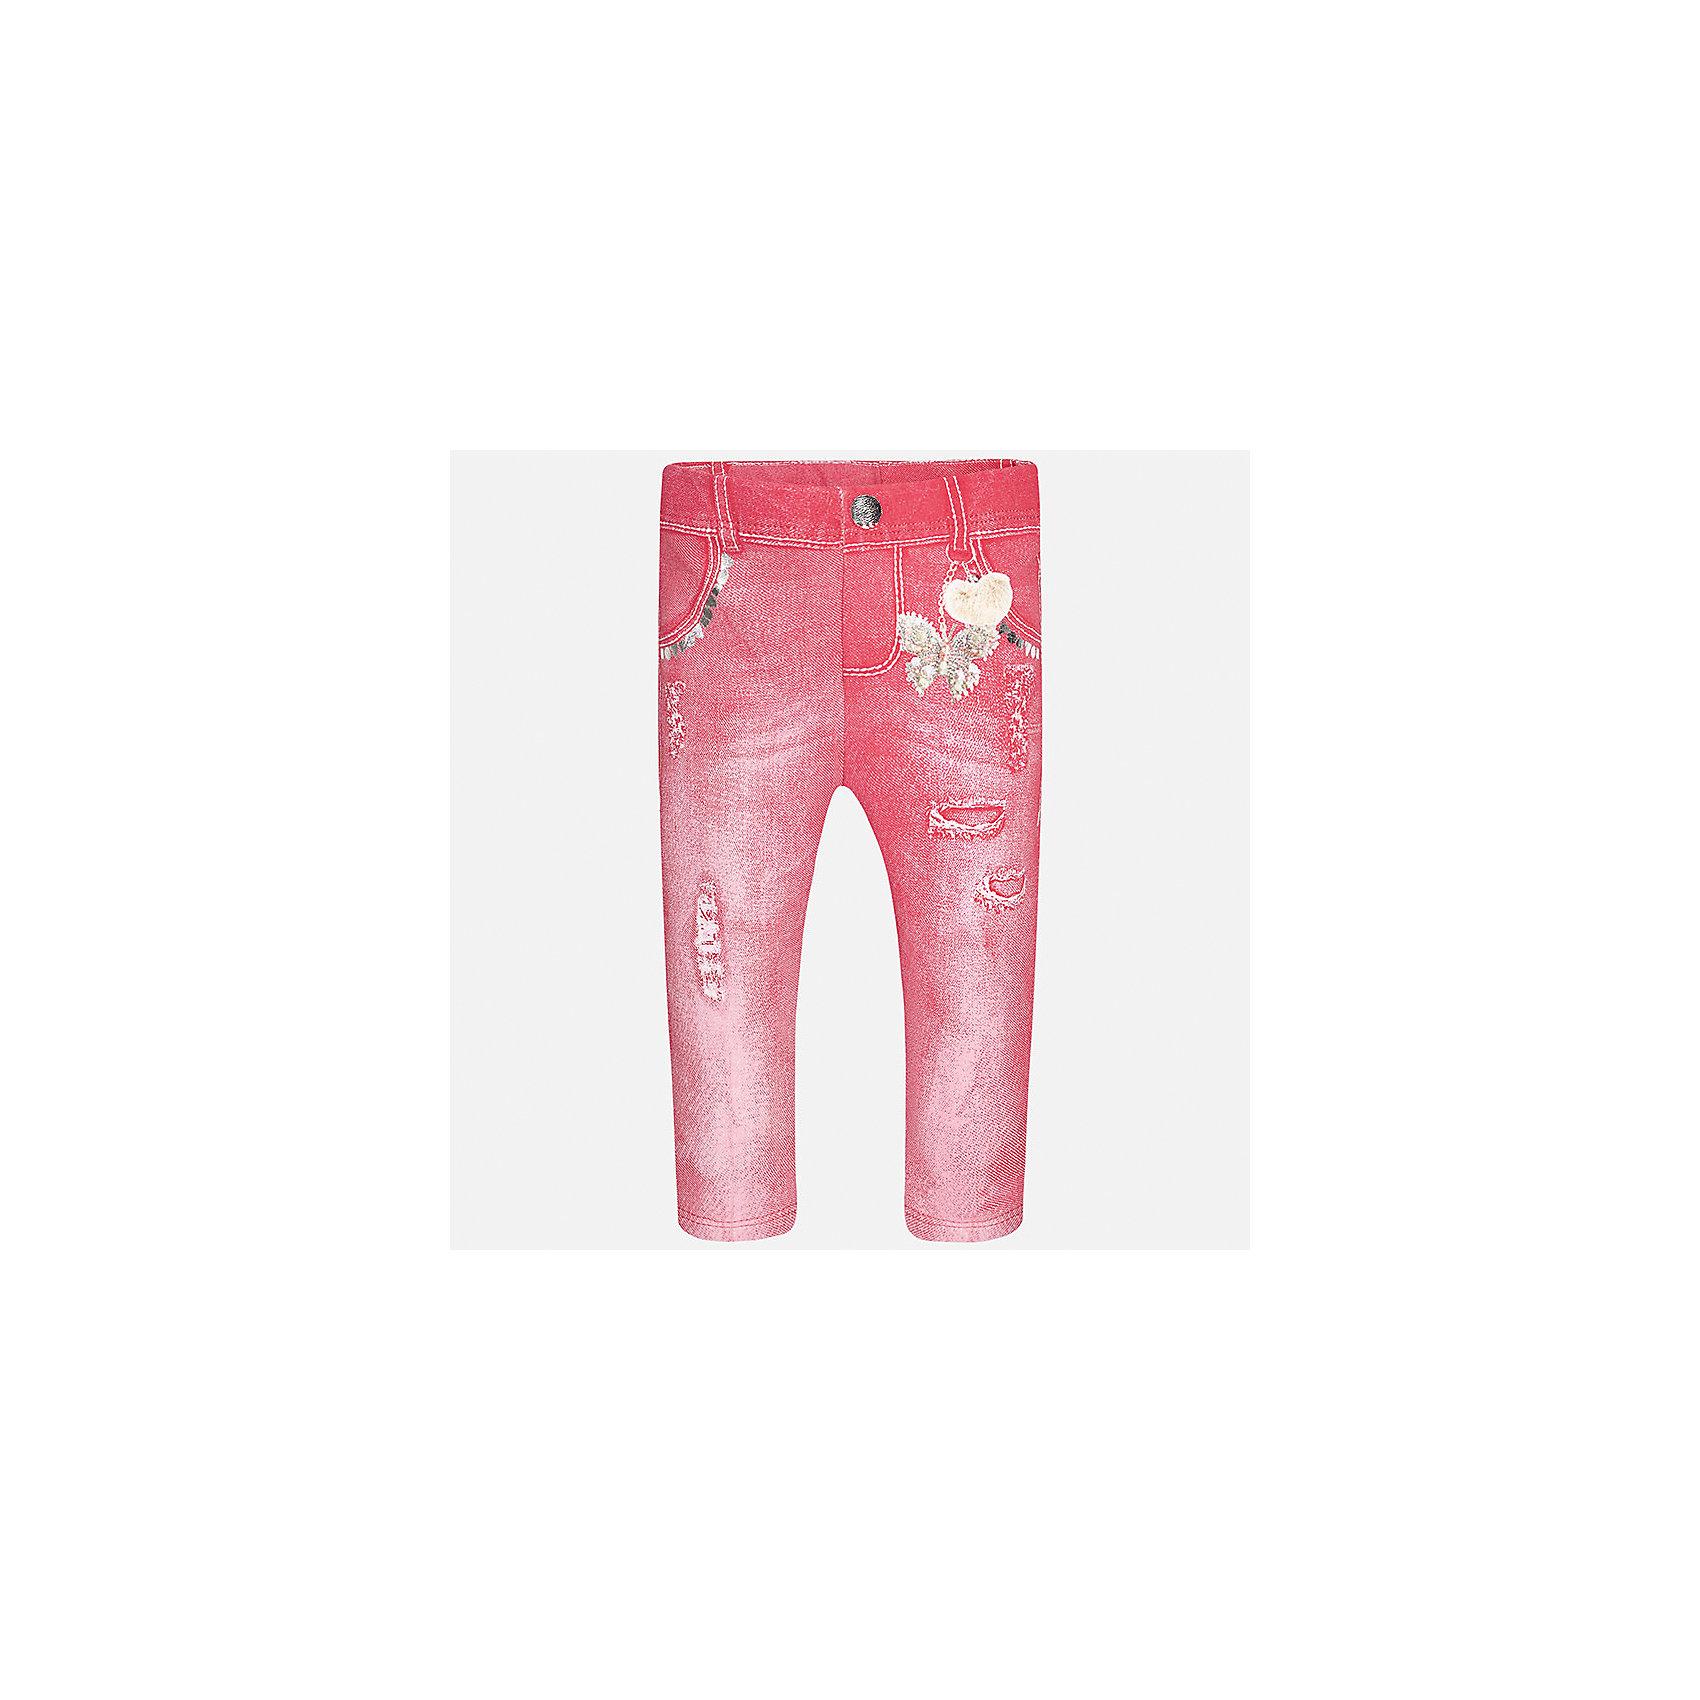 Леггинсы для девочки MayoralЛеггинсы<br>Характеристики товара:<br><br>• цвет: розовый<br>• состав: 95% хлопок, 5% эластан<br>• шлевки<br>• эластичный материал<br>• принт<br>• имитация потертости<br>• страна бренда: Испания<br><br>Модные леггинсы для девочки смогут разнообразить гардероб ребенка и украсить наряд. Они отлично сочетаются с майками, футболками, блузками. Красивый оттенок позволяет подобрать к вещи верх разных расцветок. В составе материала - натуральный хлопок, гипоаллергенный, приятный на ощупь, дышащий. Леггинсы отлично сидят и не стесняют движения.<br><br>Одежда, обувь и аксессуары от испанского бренда Mayoral полюбились детям и взрослым по всему миру. Модели этой марки - стильные и удобные. Для их производства используются только безопасные, качественные материалы и фурнитура. Порадуйте ребенка модными и красивыми вещами от Mayoral! <br><br>Леггинсы для девочки от испанского бренда Mayoral (Майорал) можно купить в нашем интернет-магазине.<br><br>Ширина мм: 123<br>Глубина мм: 10<br>Высота мм: 149<br>Вес г: 209<br>Цвет: фиолетовый<br>Возраст от месяцев: 18<br>Возраст до месяцев: 24<br>Пол: Женский<br>Возраст: Детский<br>Размер: 92,74,80,86<br>SKU: 5300077